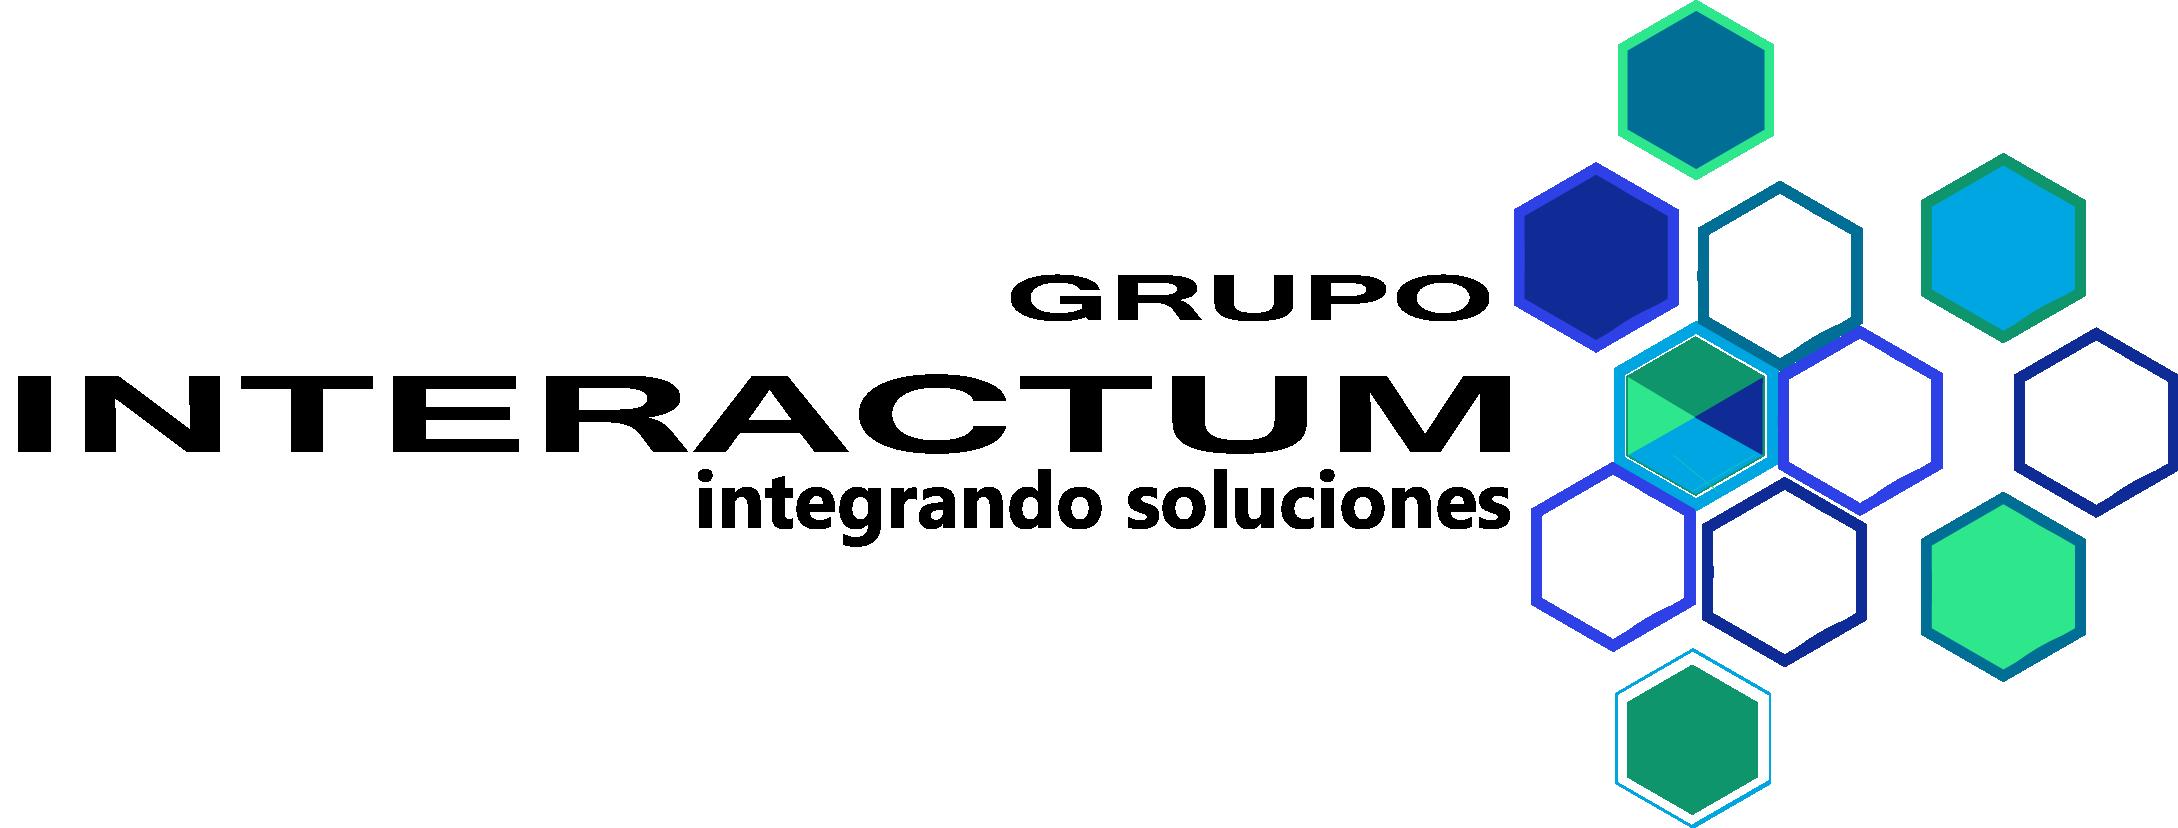 Grupo Interactum